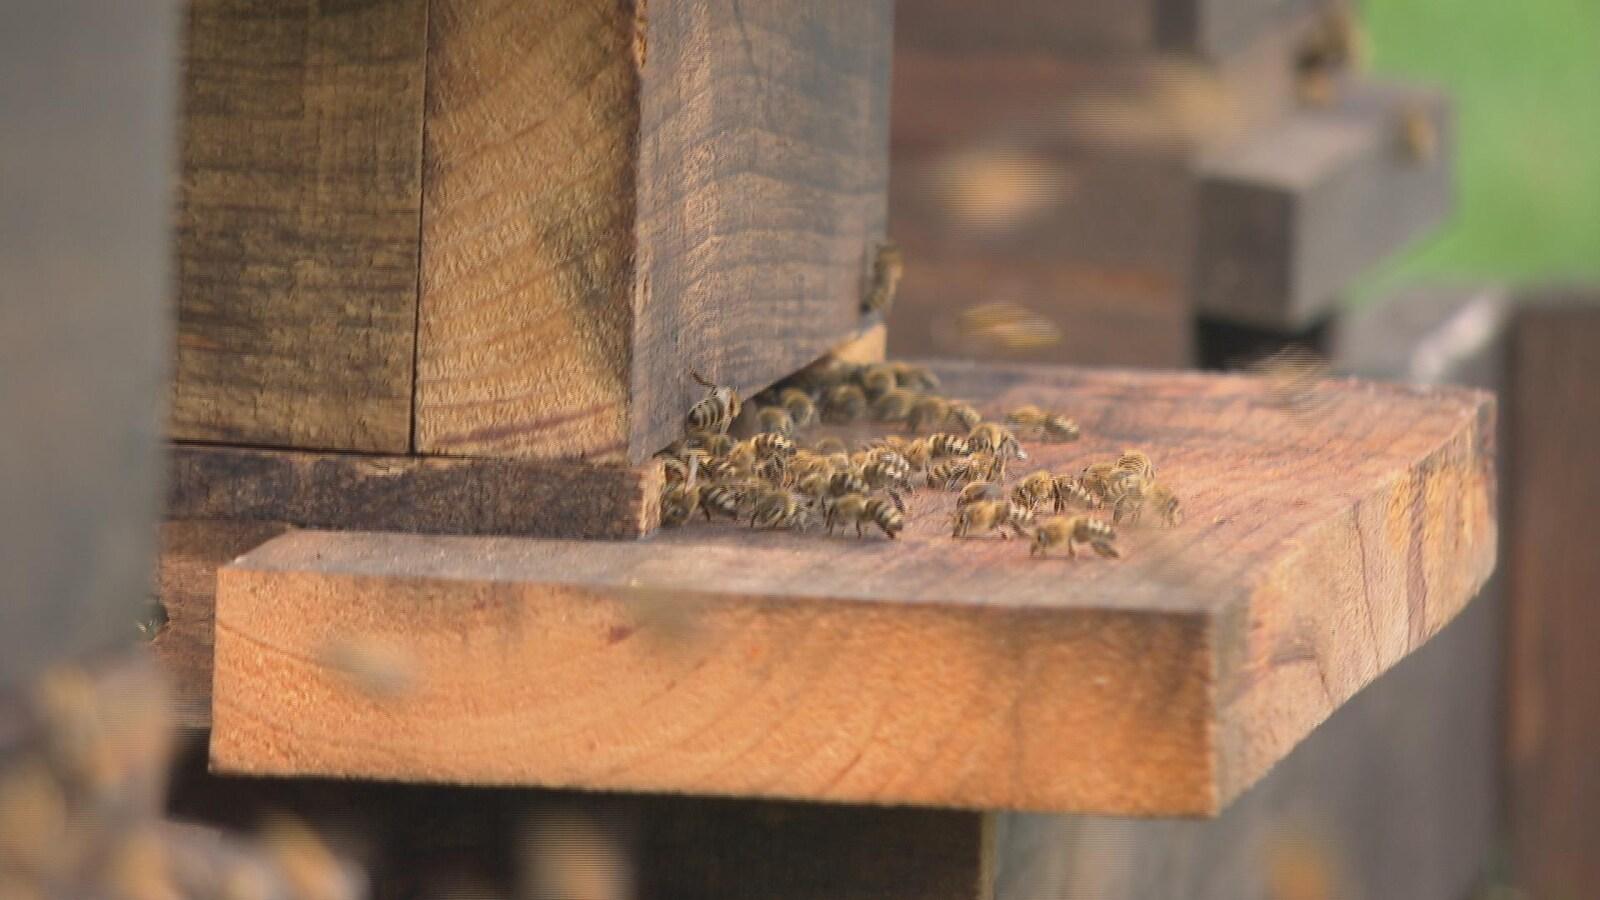 Des abeilles à l'extérieur d'une ruche.